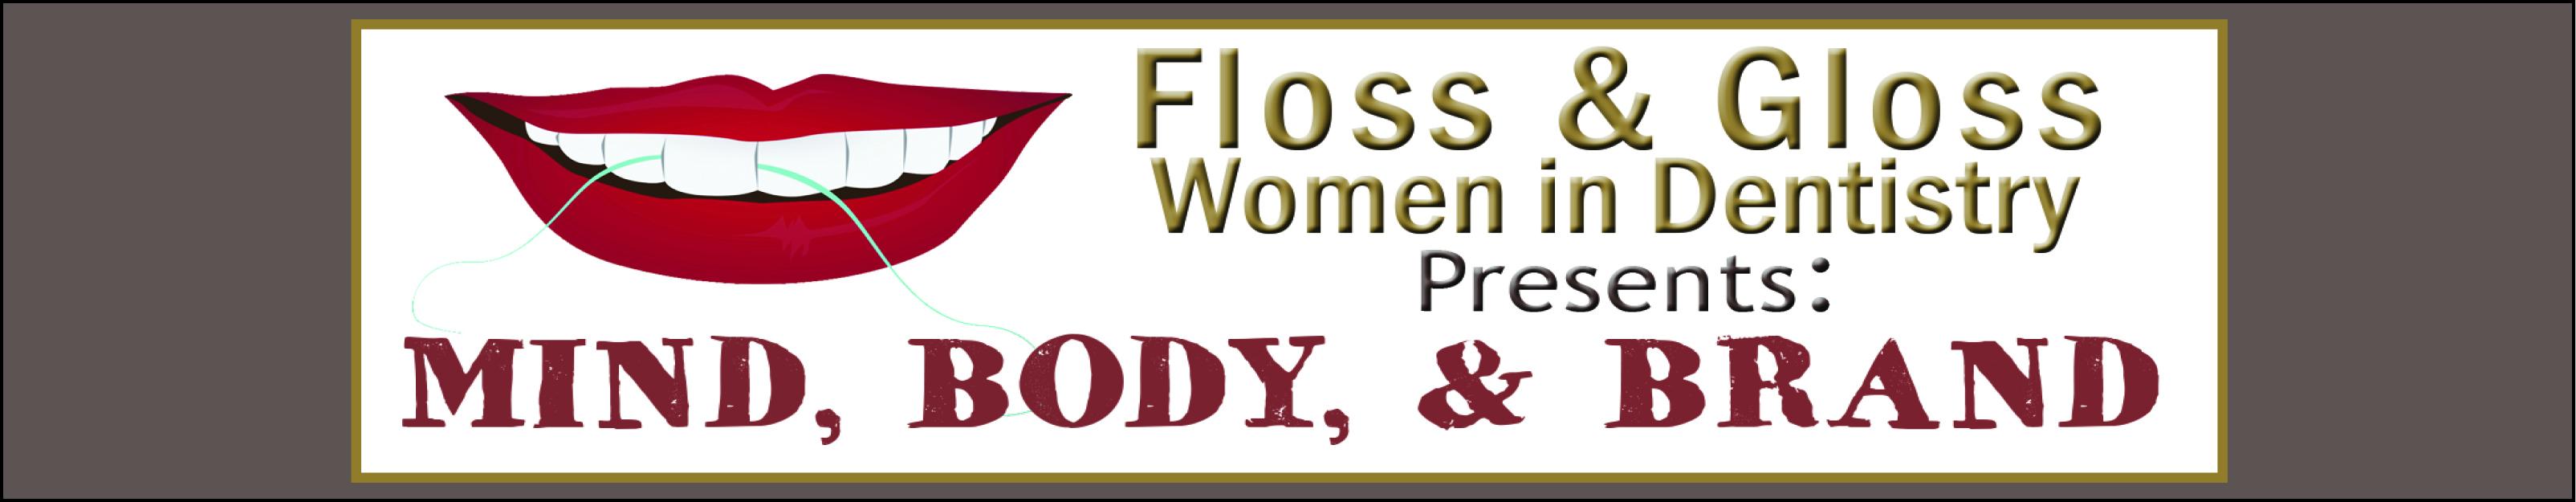 Floss & Gloss